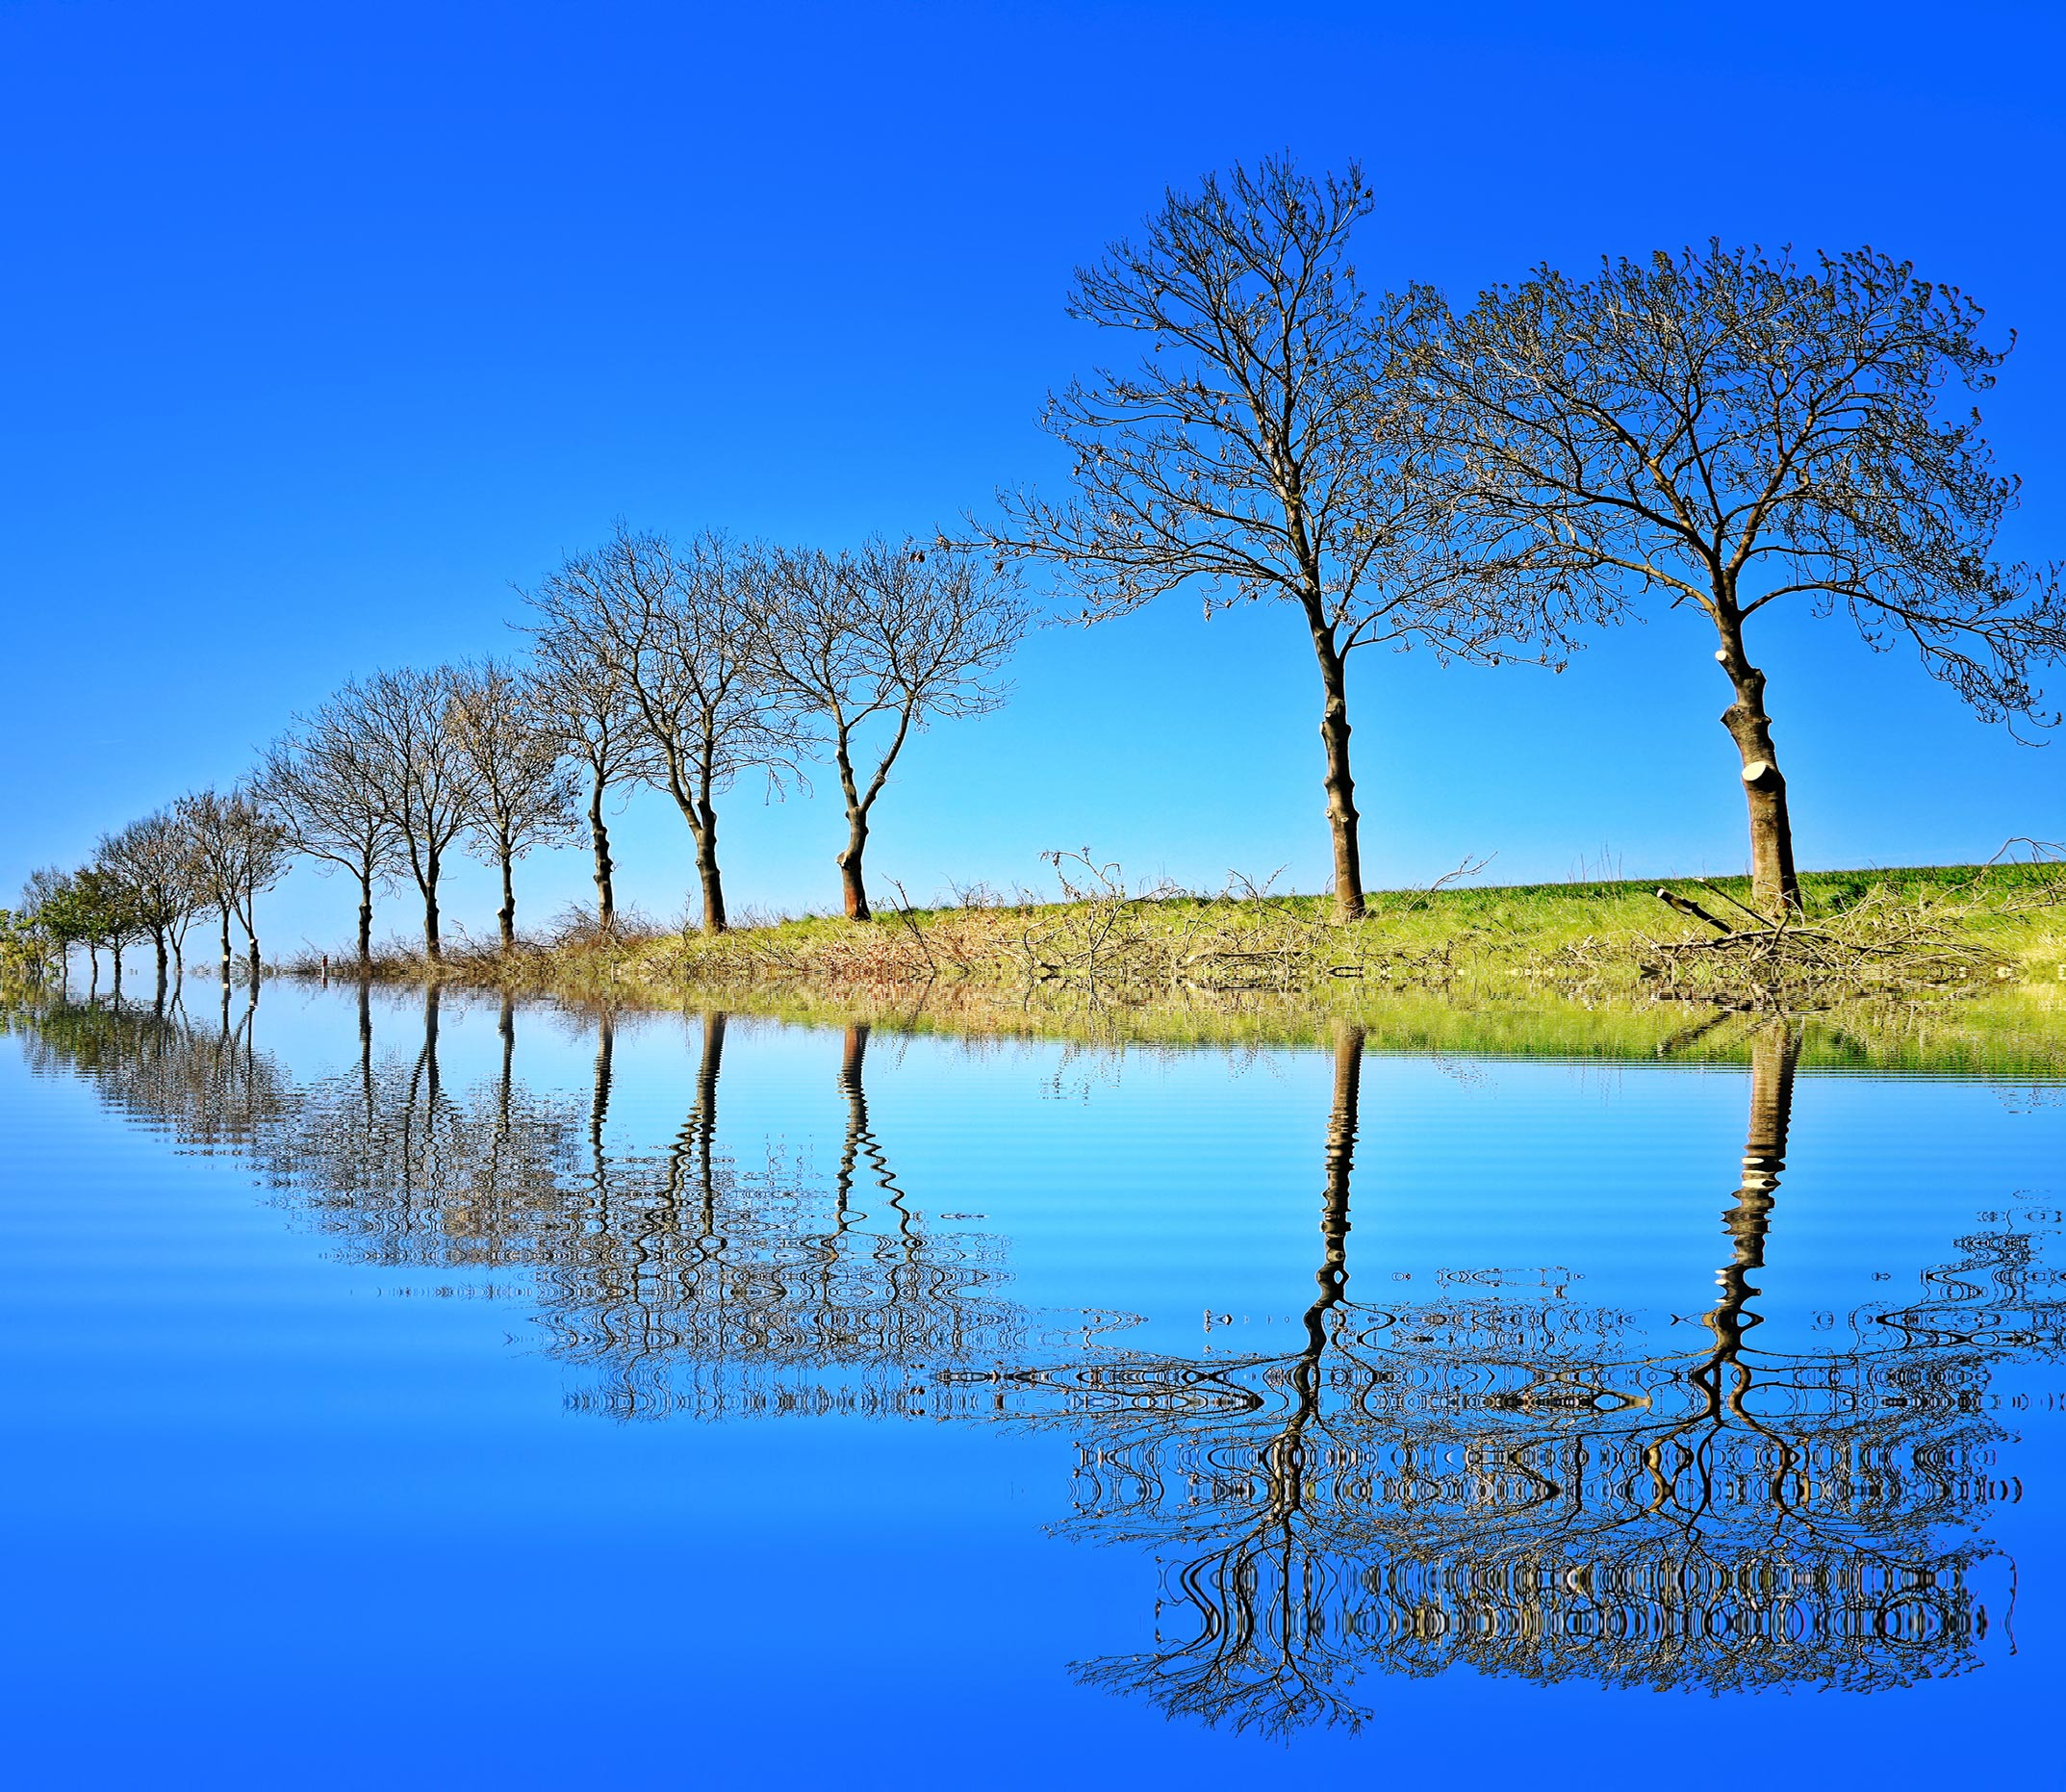 amazing beautiful free nature wallpapers hd free hd nature desktop